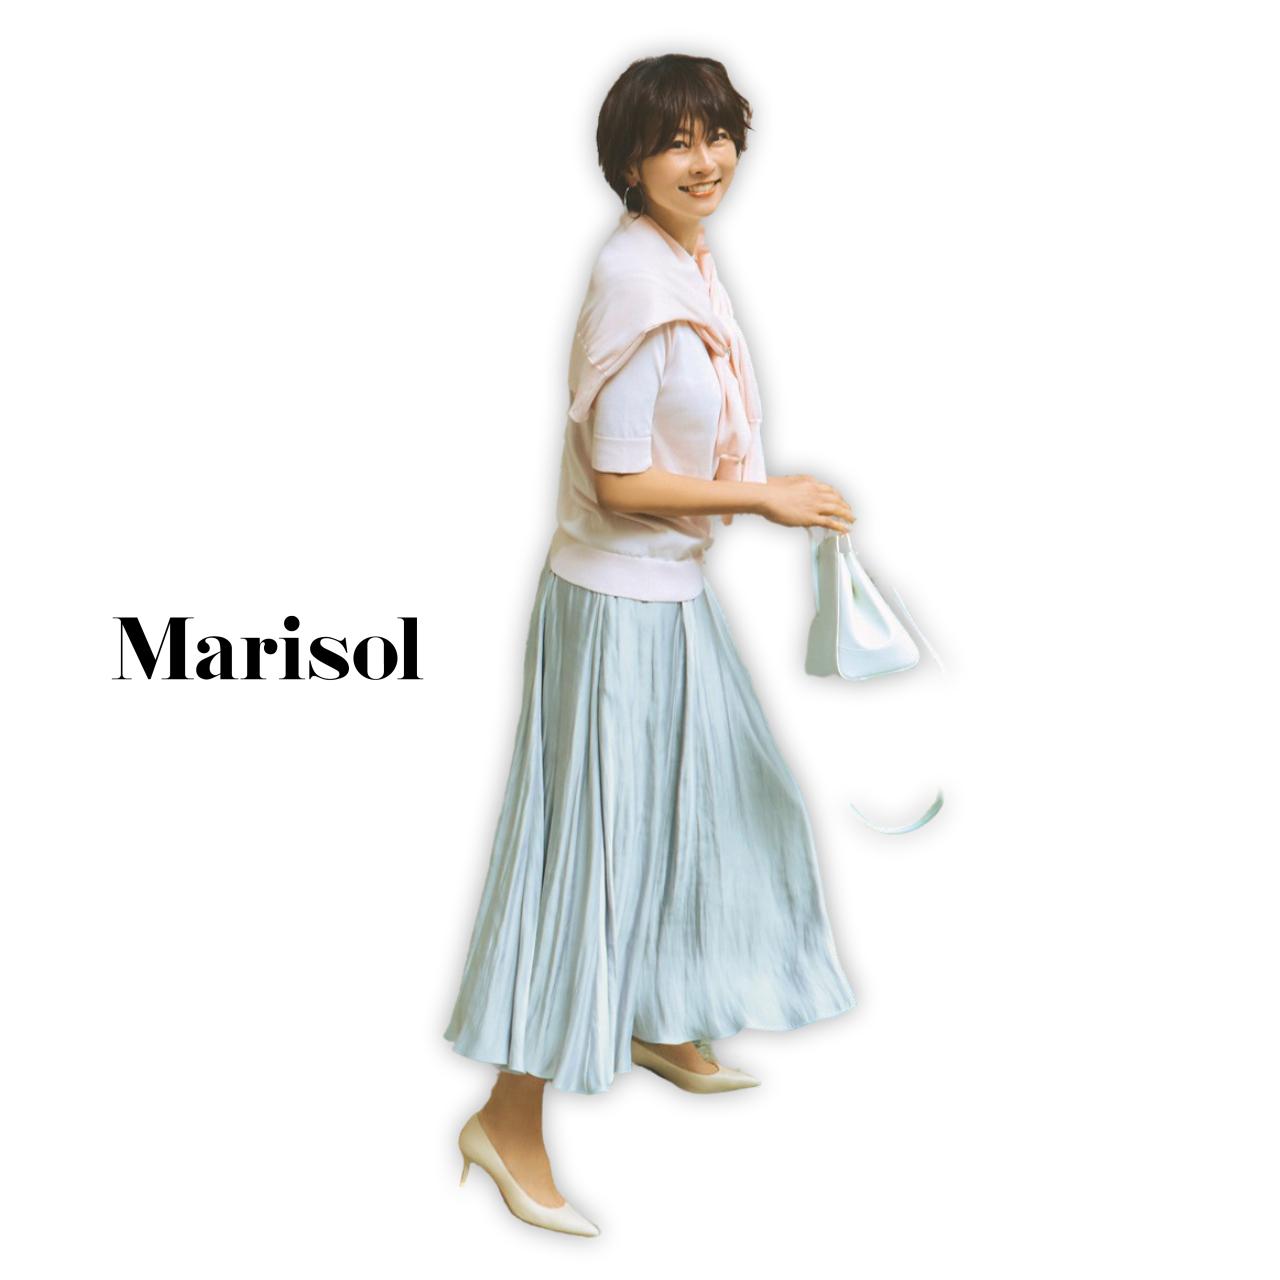 40代ファッション ピンクアンサンブルニット×プリーツスカートコーデ